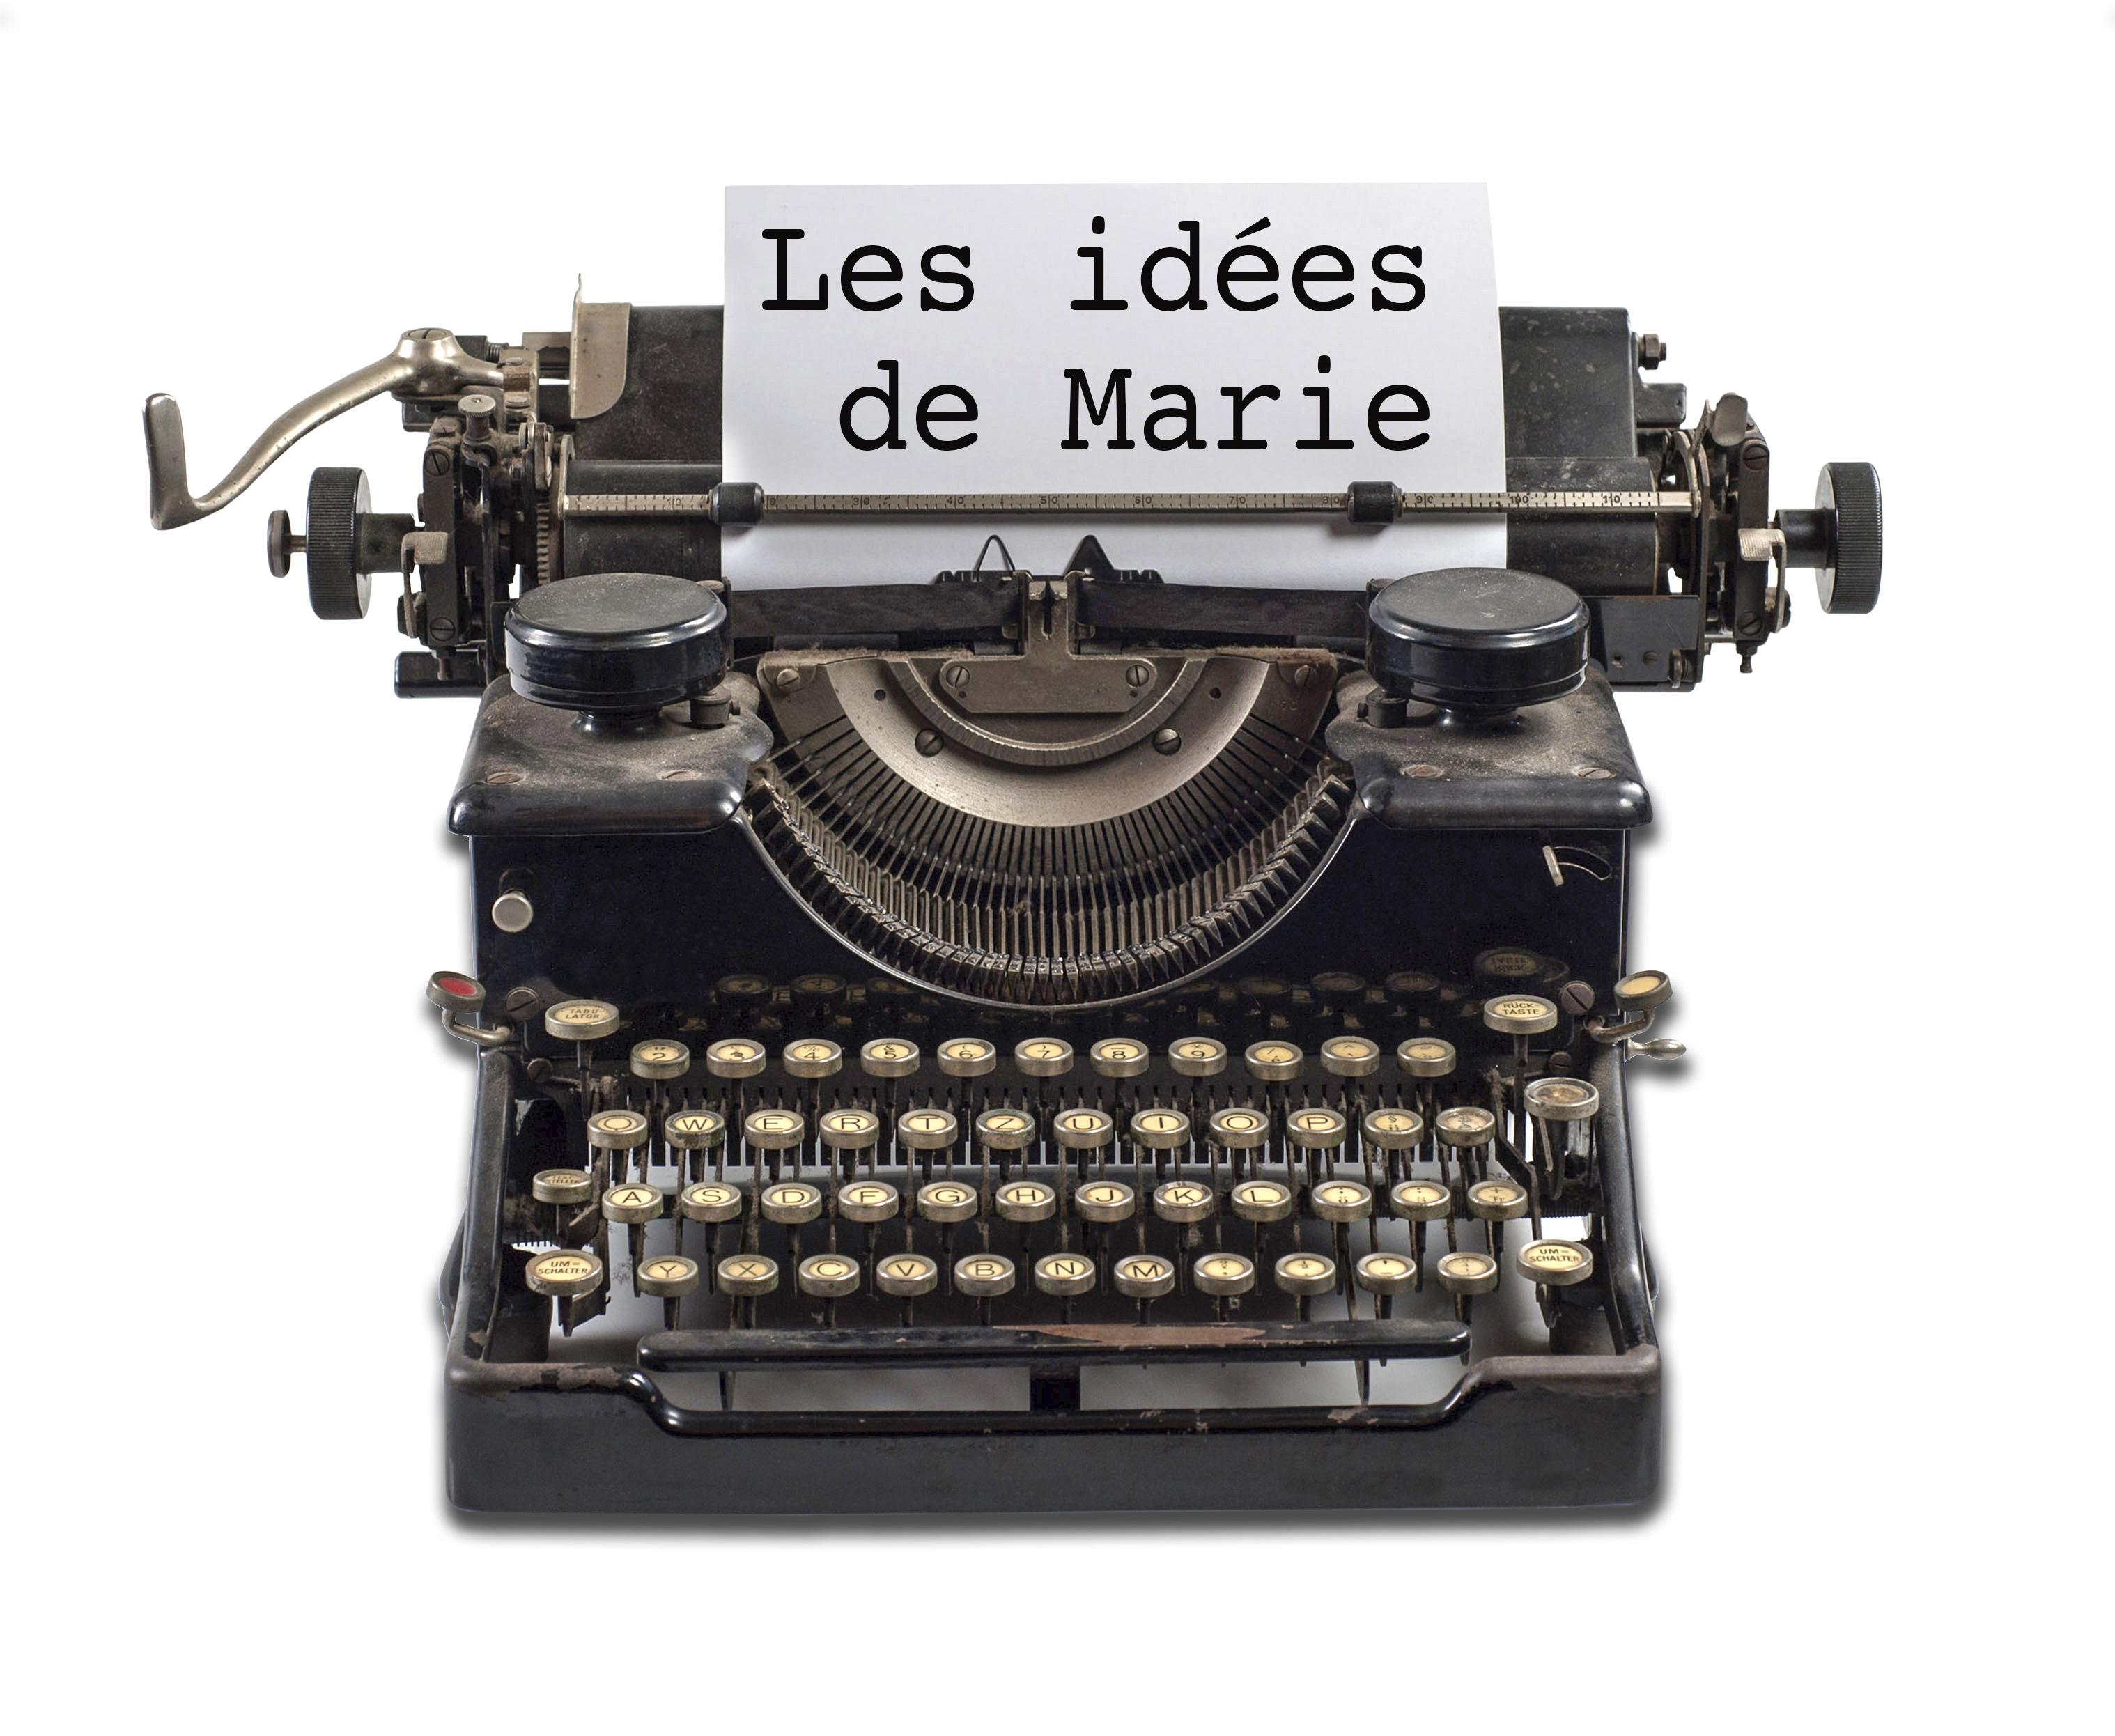 LES IDÉES DE MARIE